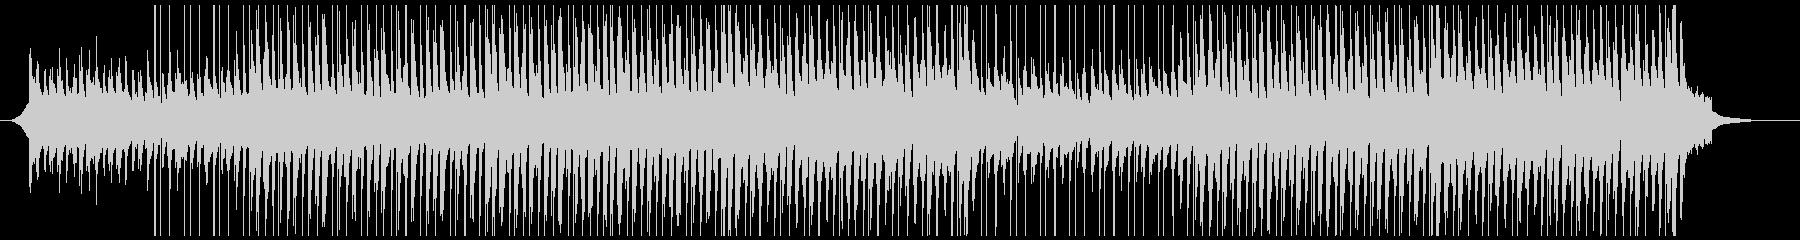 ハッピーチルドレンの未再生の波形